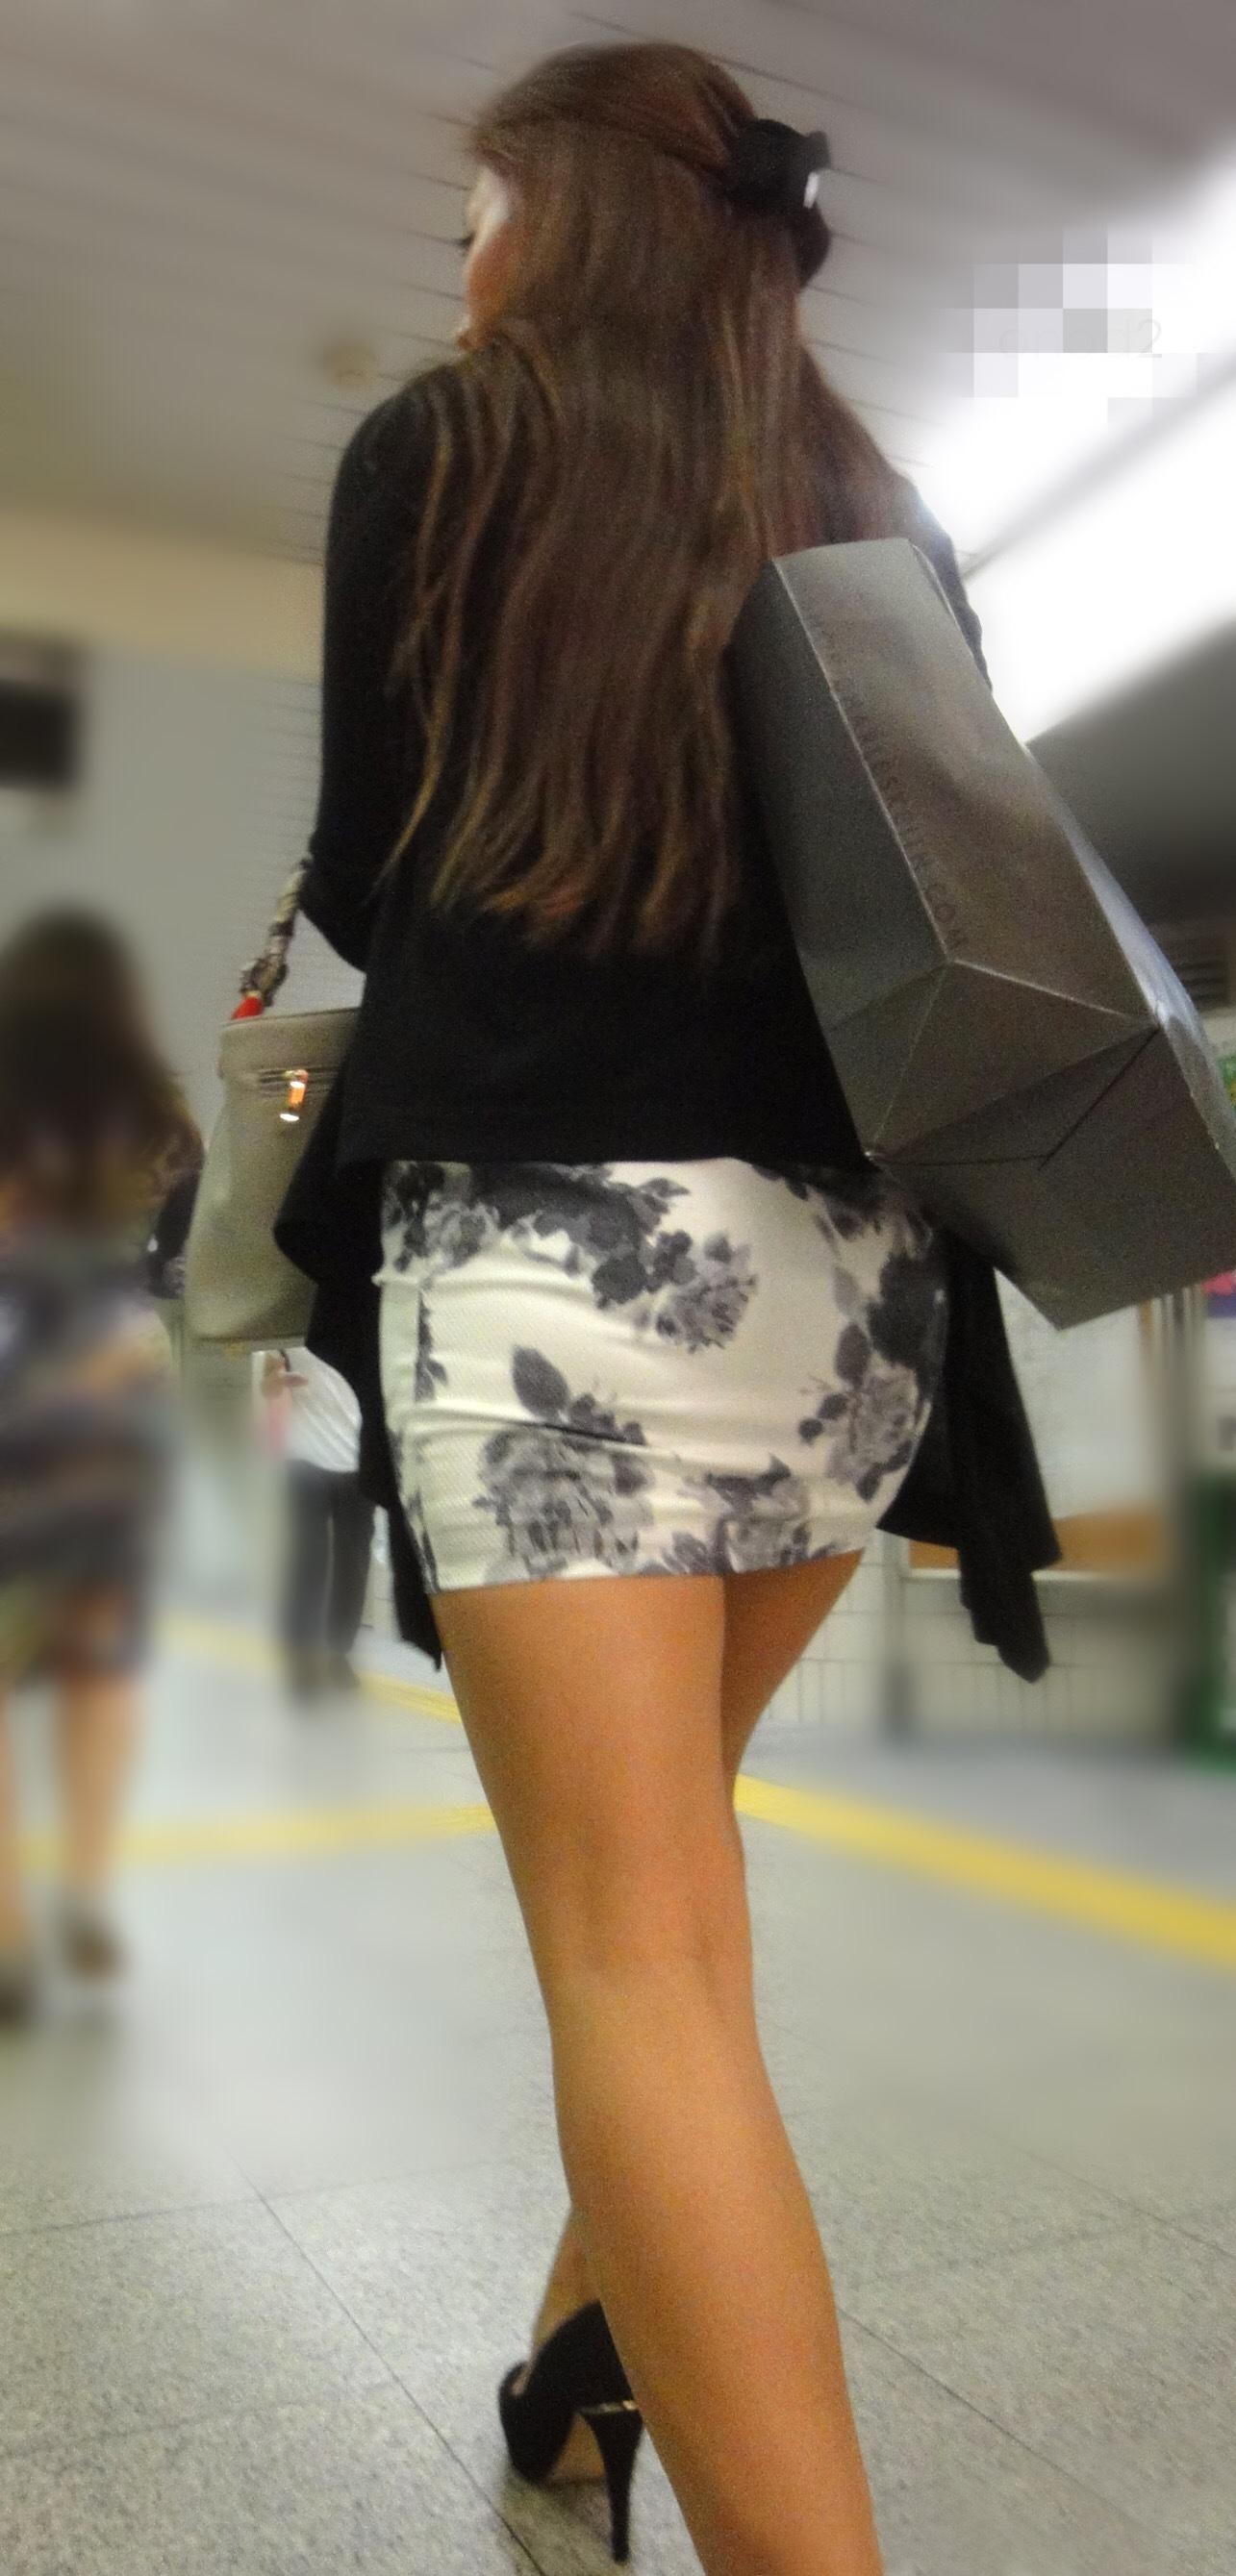 女のえろさを最大限に引き出すタイトミニスカ写真